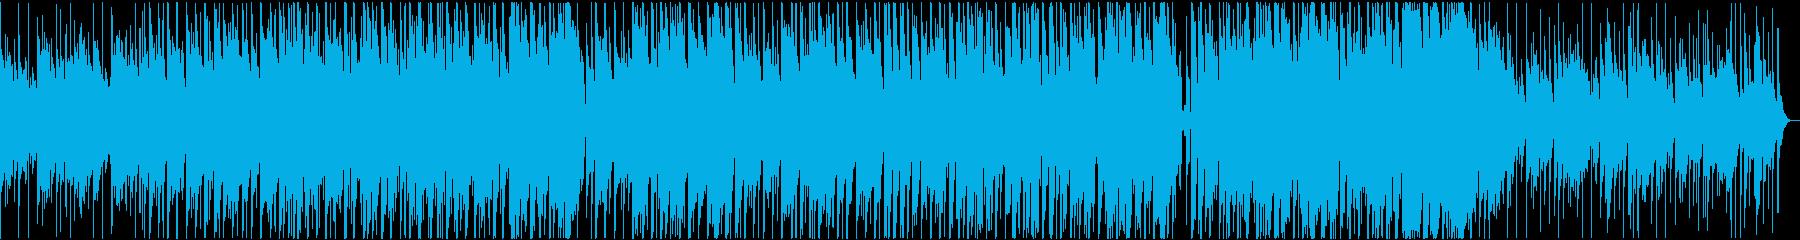 雅なイメージの和風スローテクノの再生済みの波形